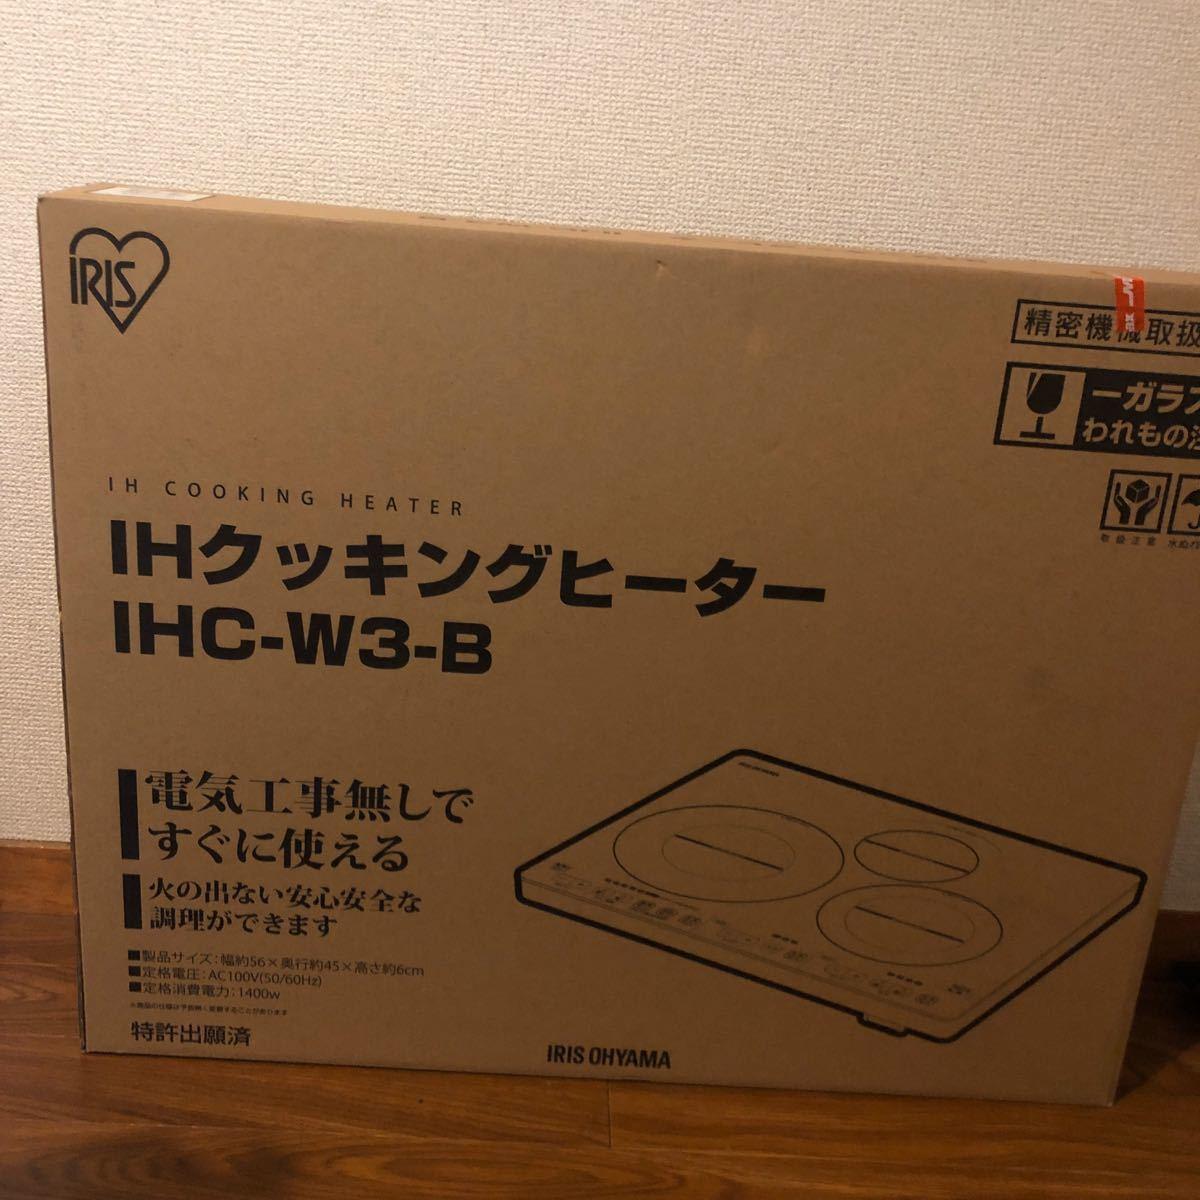 新品 アイリスオーヤマ 3口IHクッキングヒーター IH調理器 IRIS